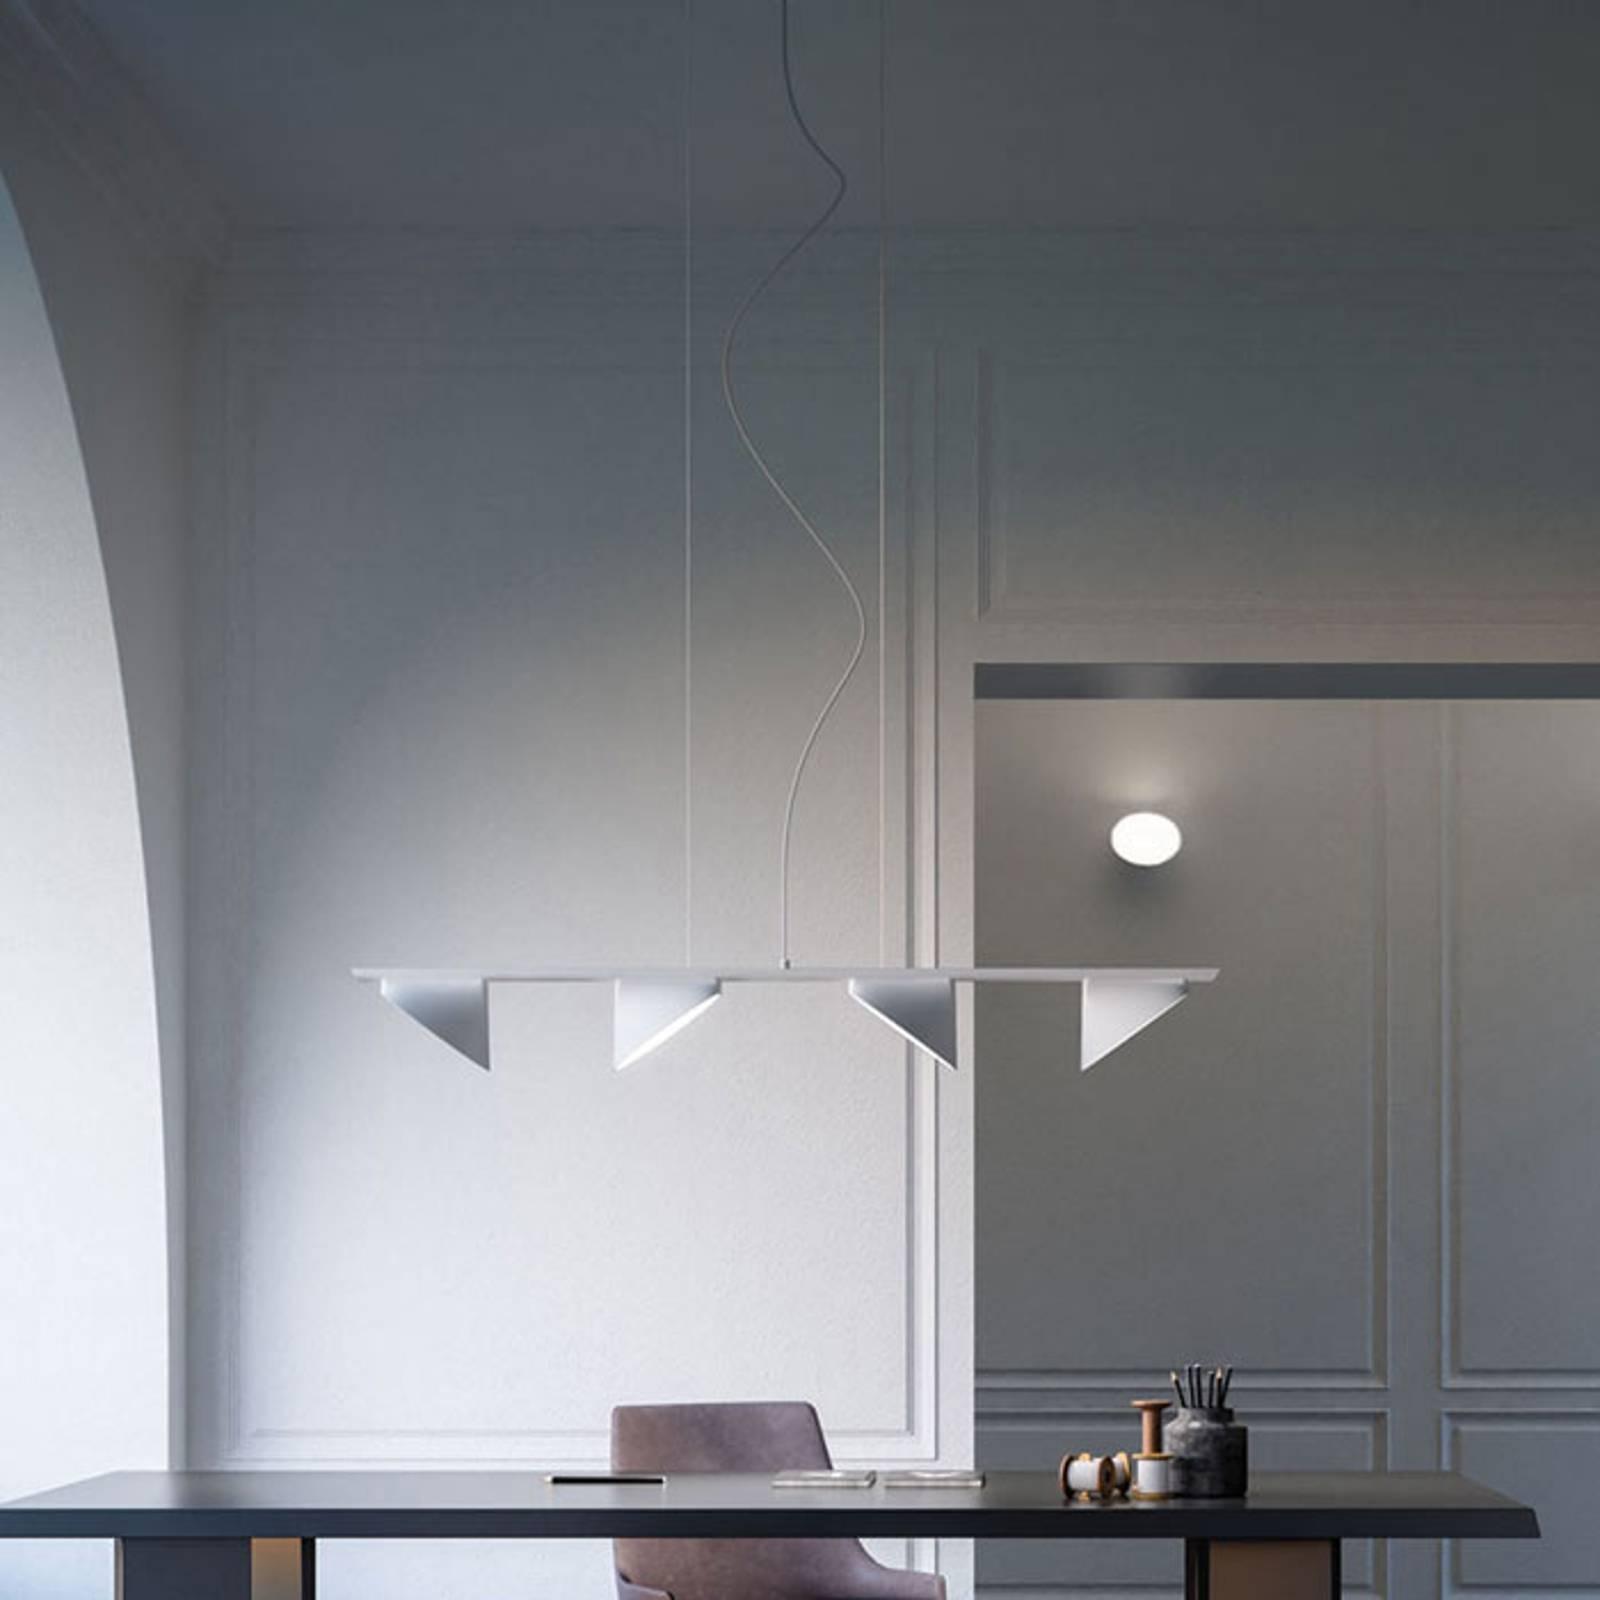 Axolight Orchid LED-riippuvalo 4 lampp. valkoinen